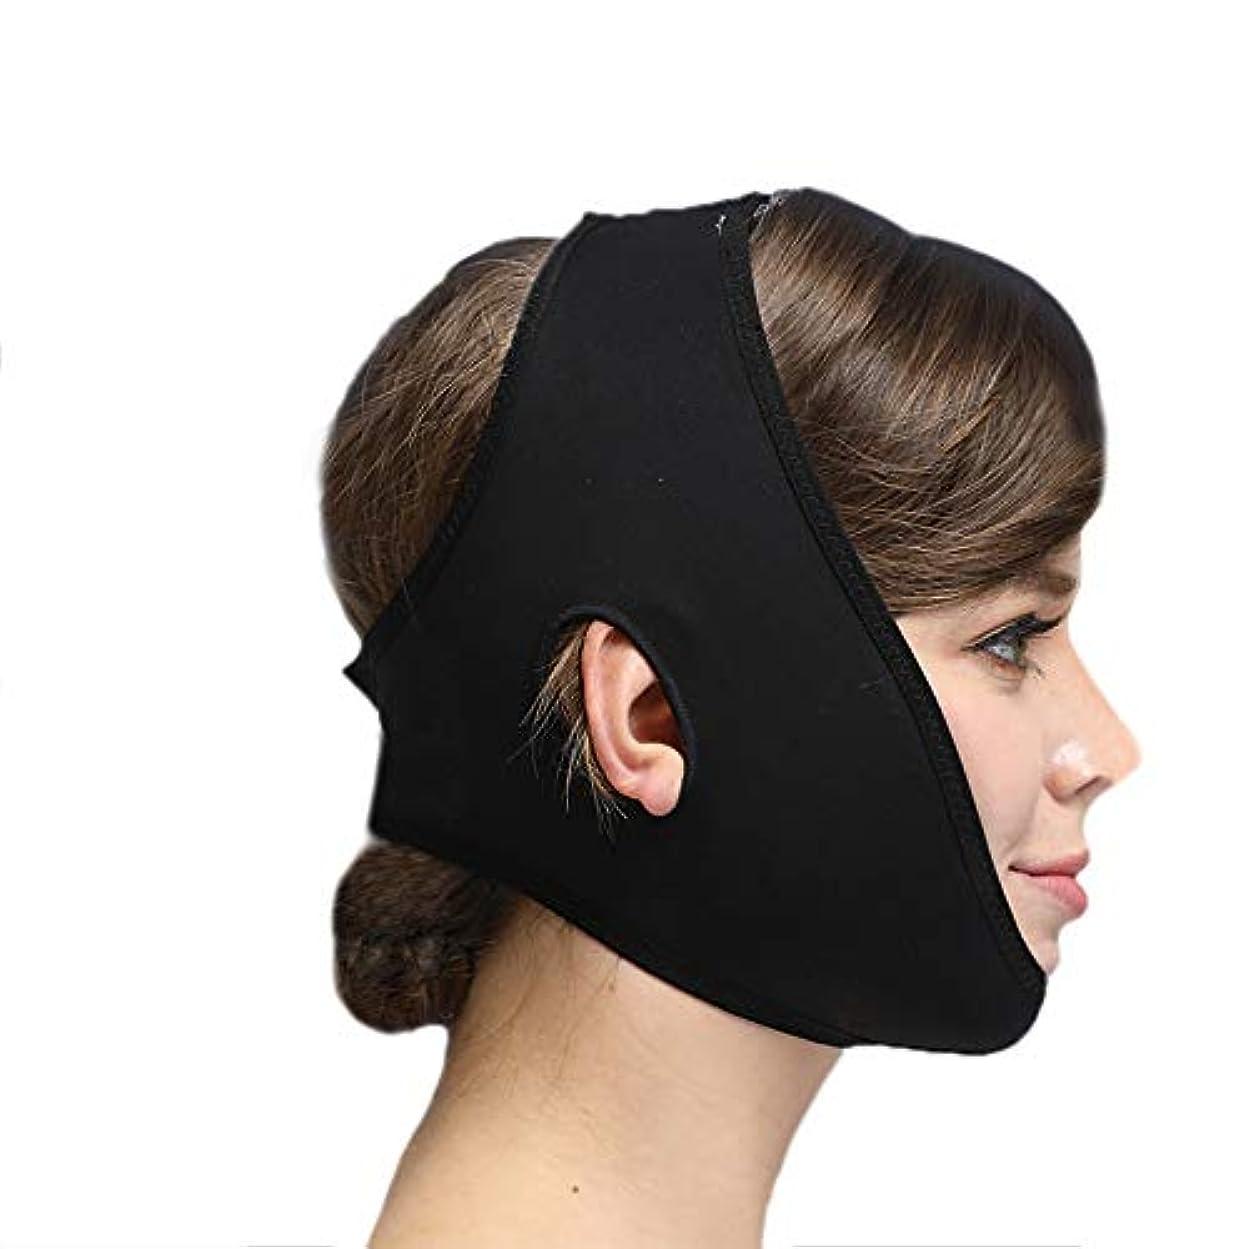 南日記多年生XHLMRMJ 顔の痩身マスク、快適で通気性のある、顔面の持ち上がることおよび輪郭を描くことで、堅さの向上、引き締まることおよび顔を持ち上げること (Color : Black2, Size : L)